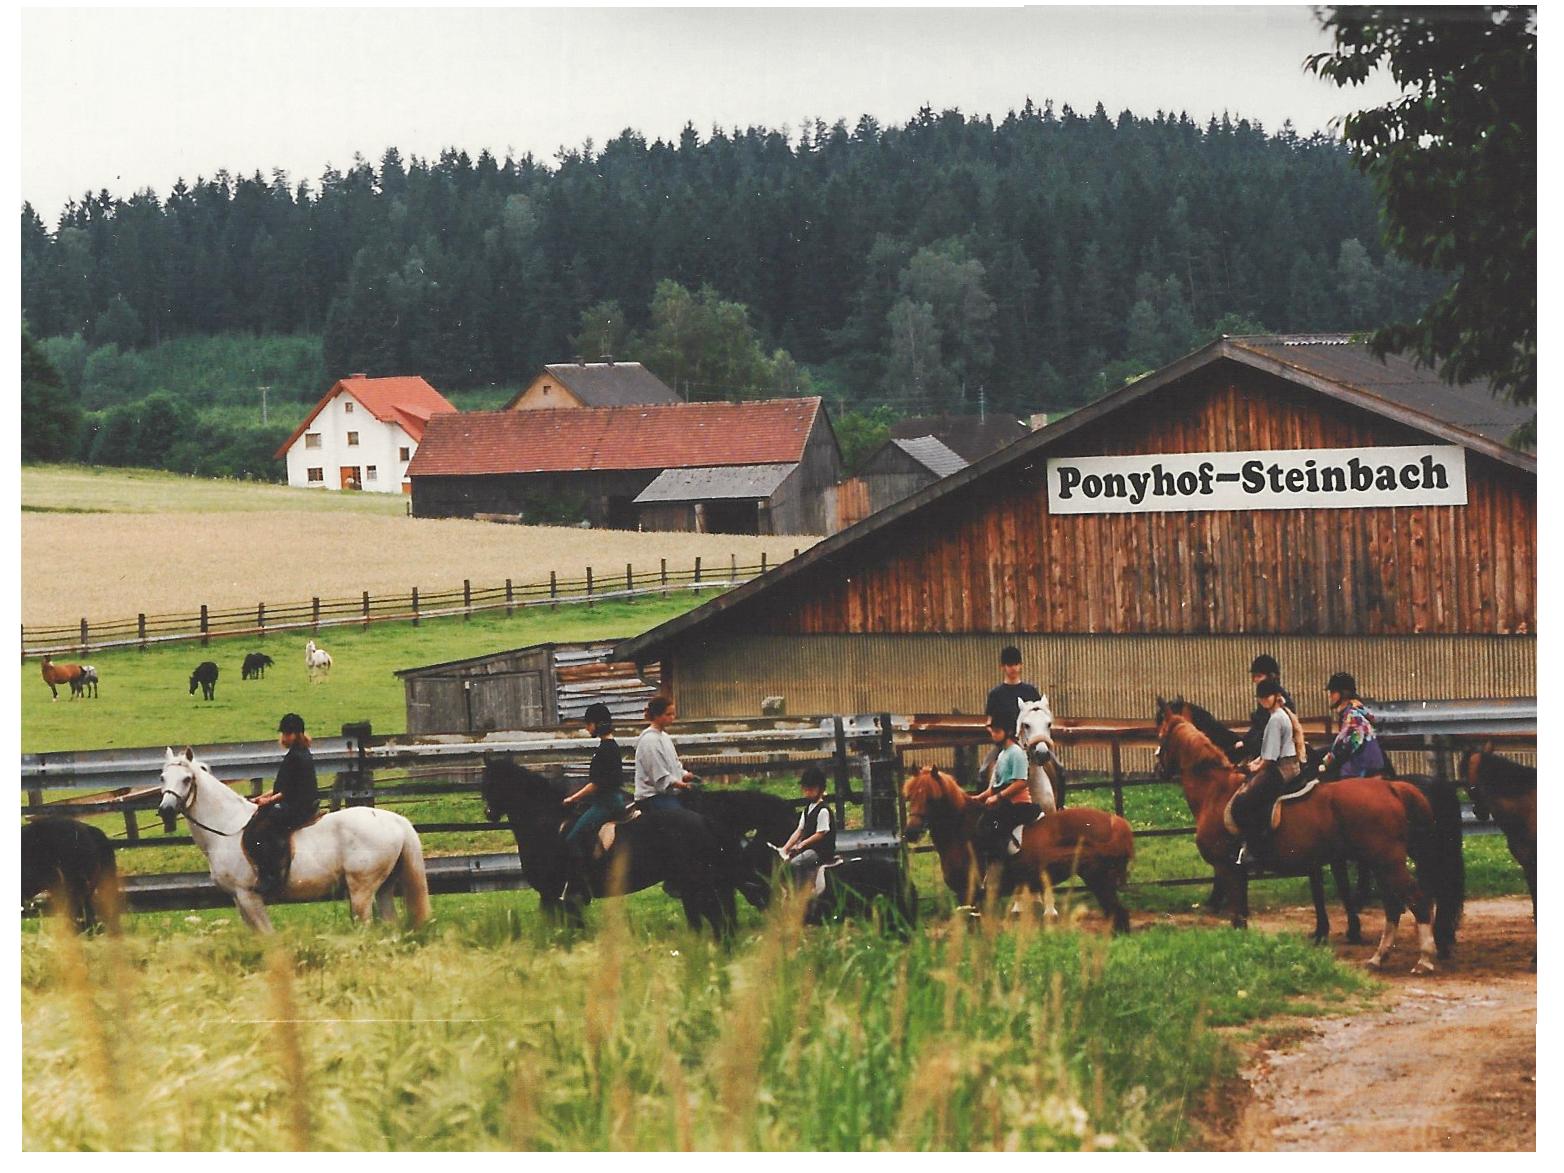 Ponyhof Steinbach - Pferdeurlaub in Franken - Eine Luftaufnahme.